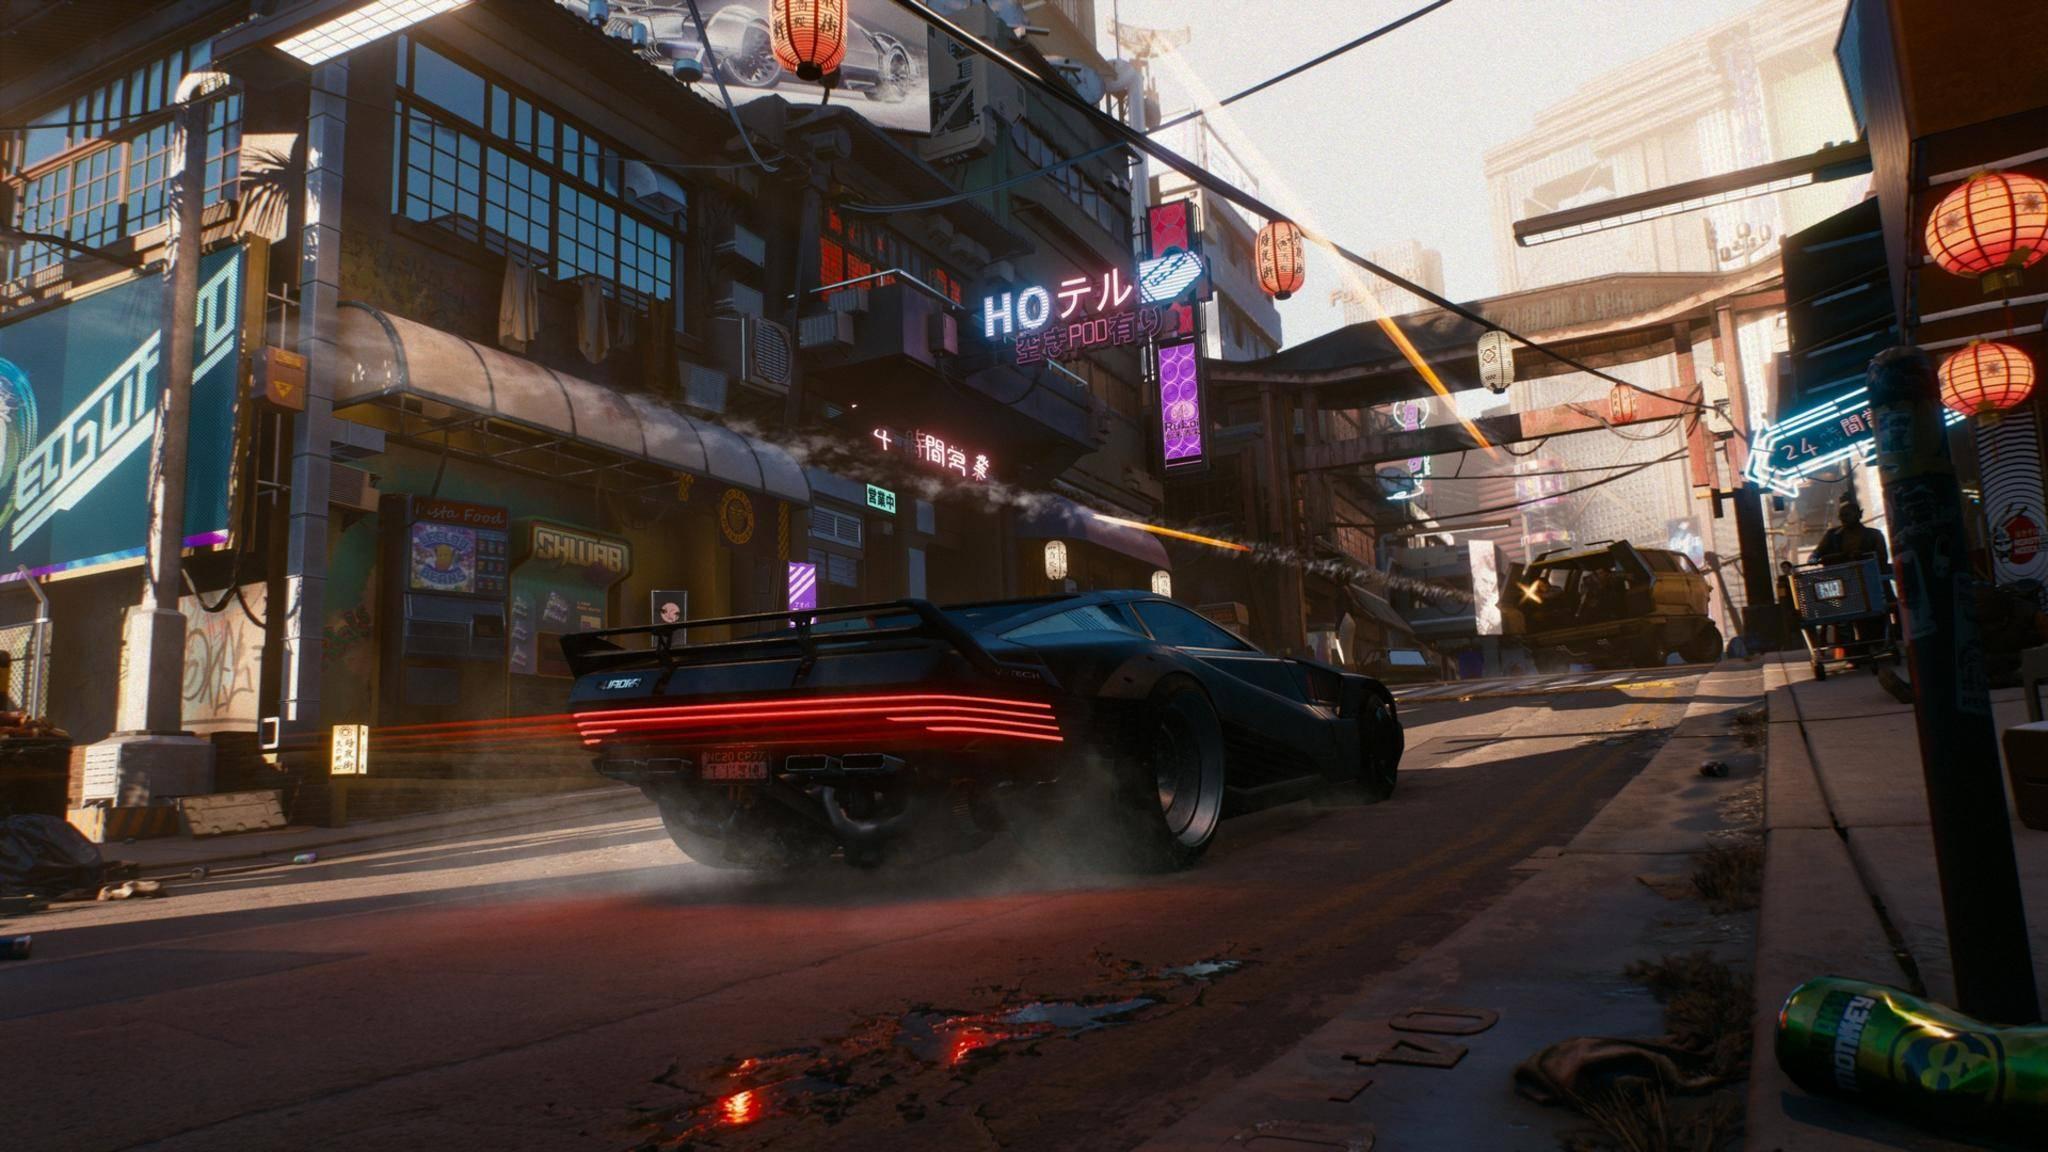 """Die Fahrzeuge in """"Cyberpunk 2077"""" hören aufs Wort.."""